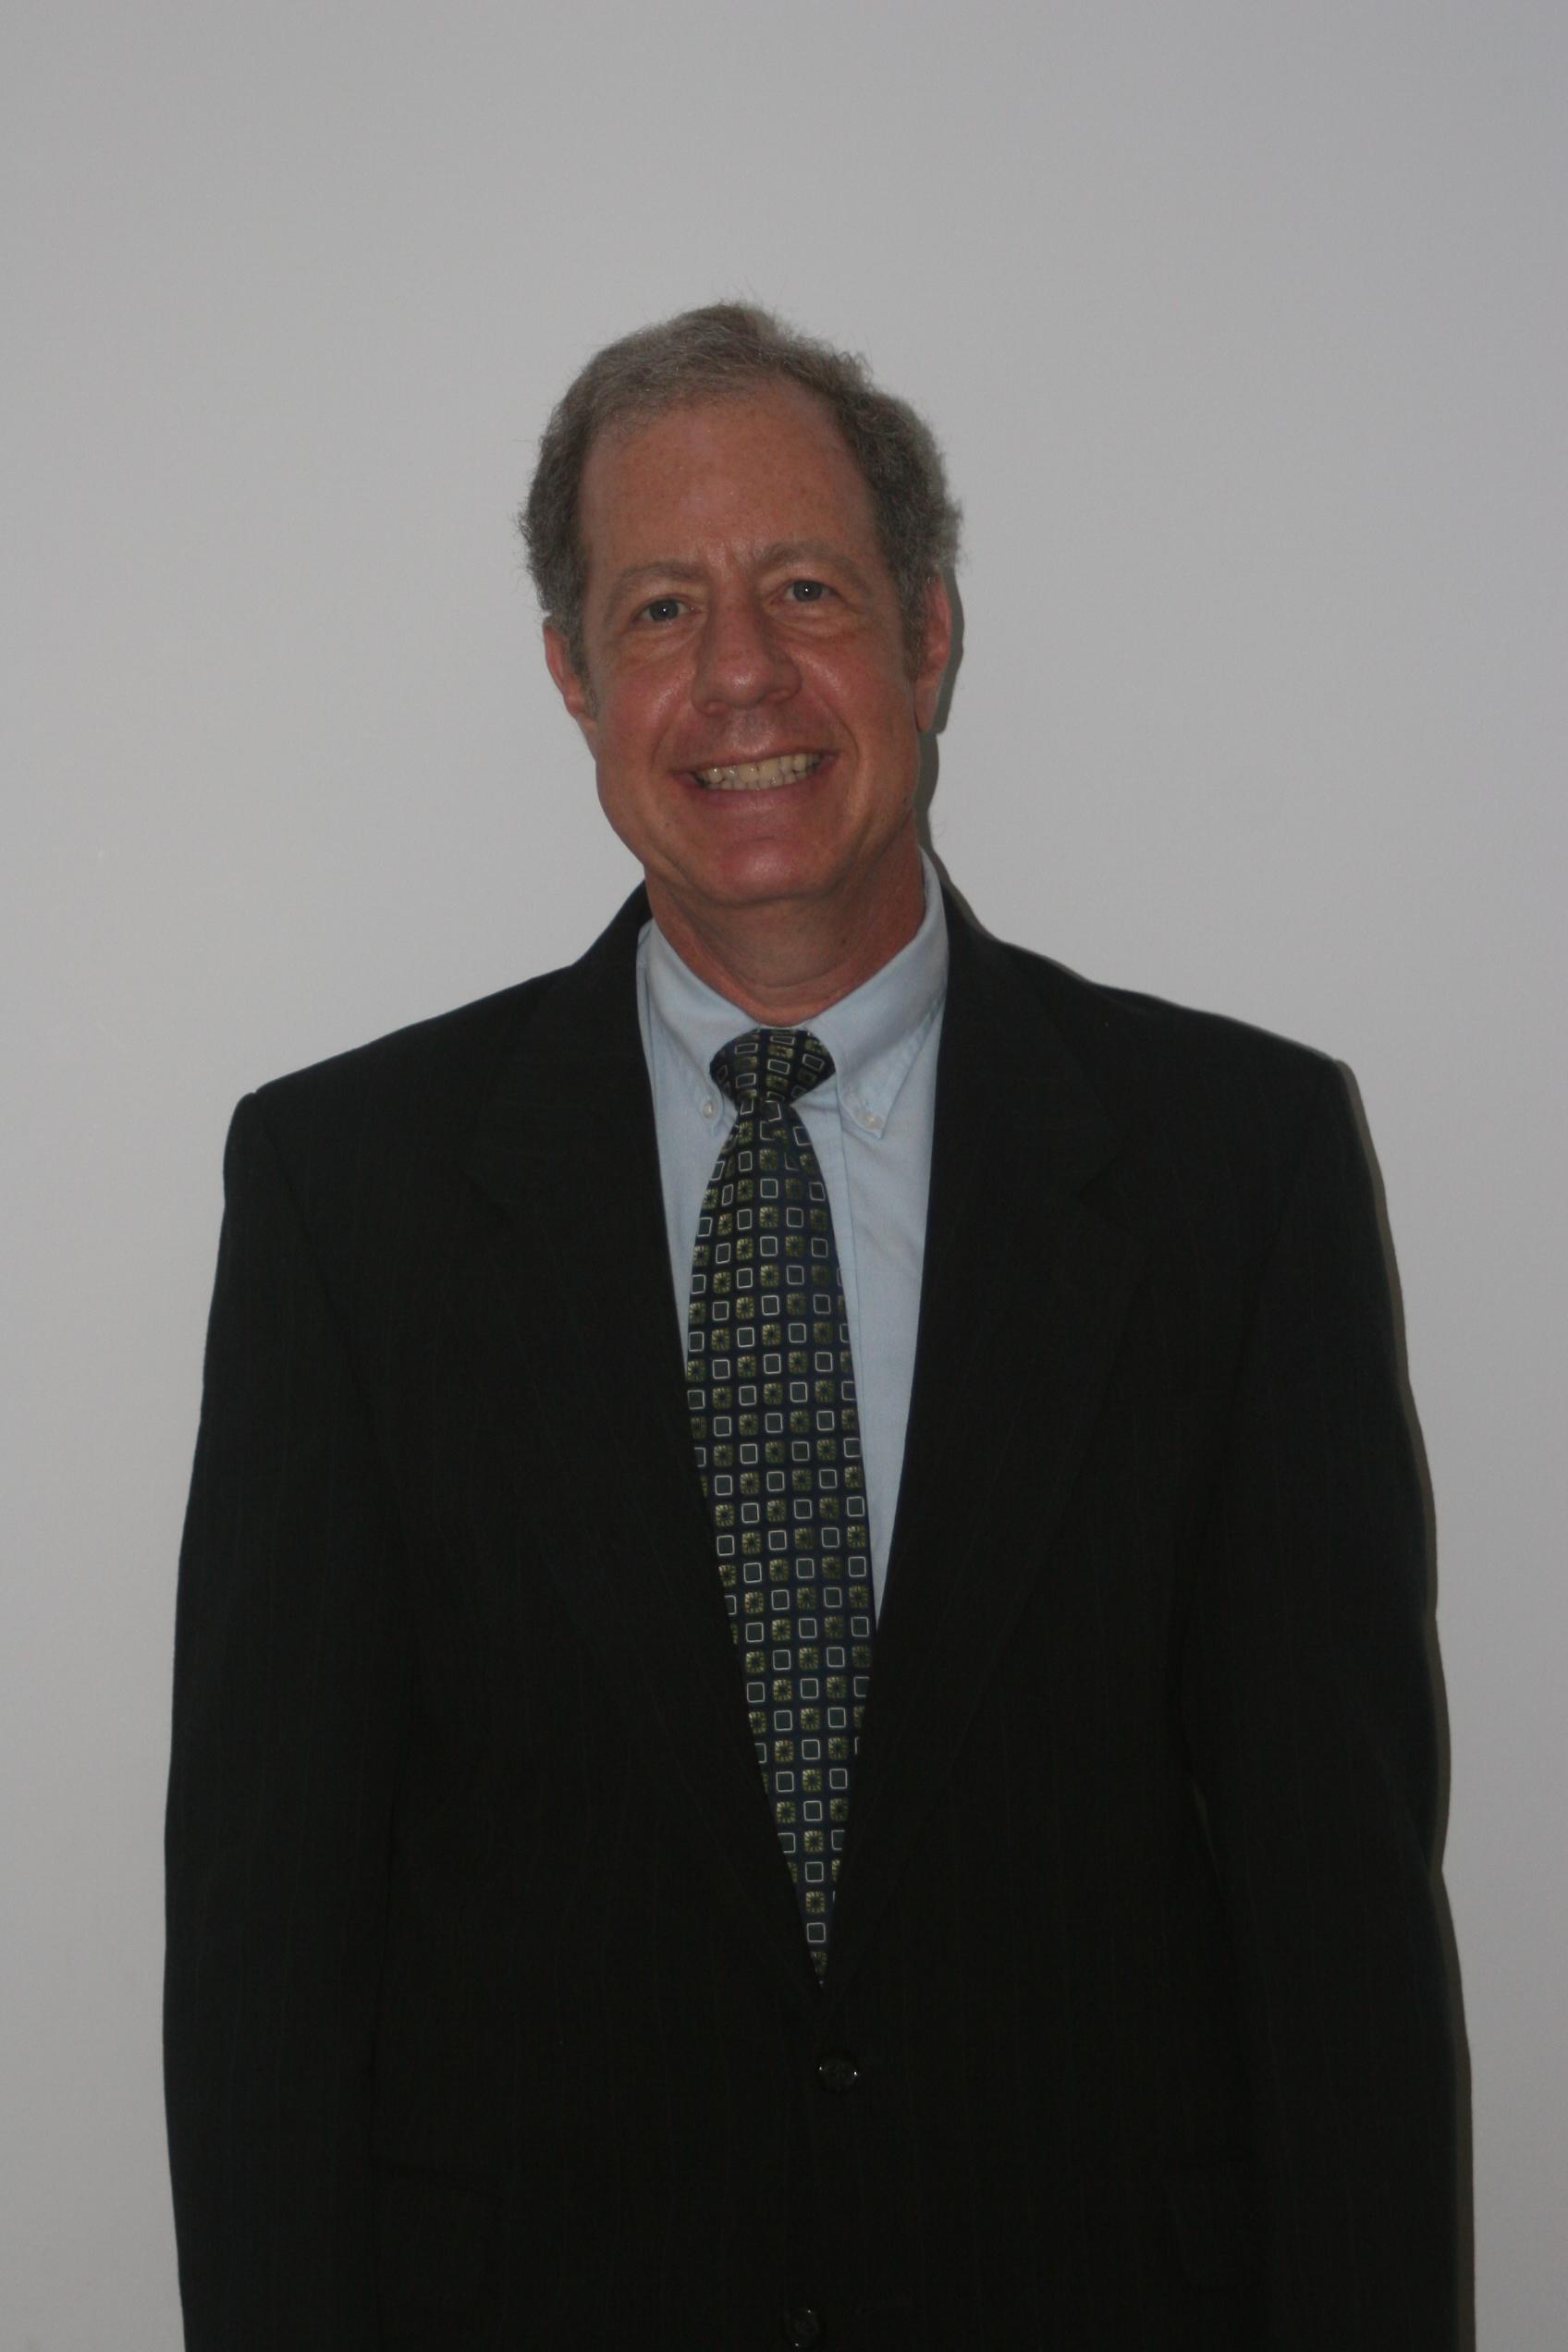 Terry Lichtor